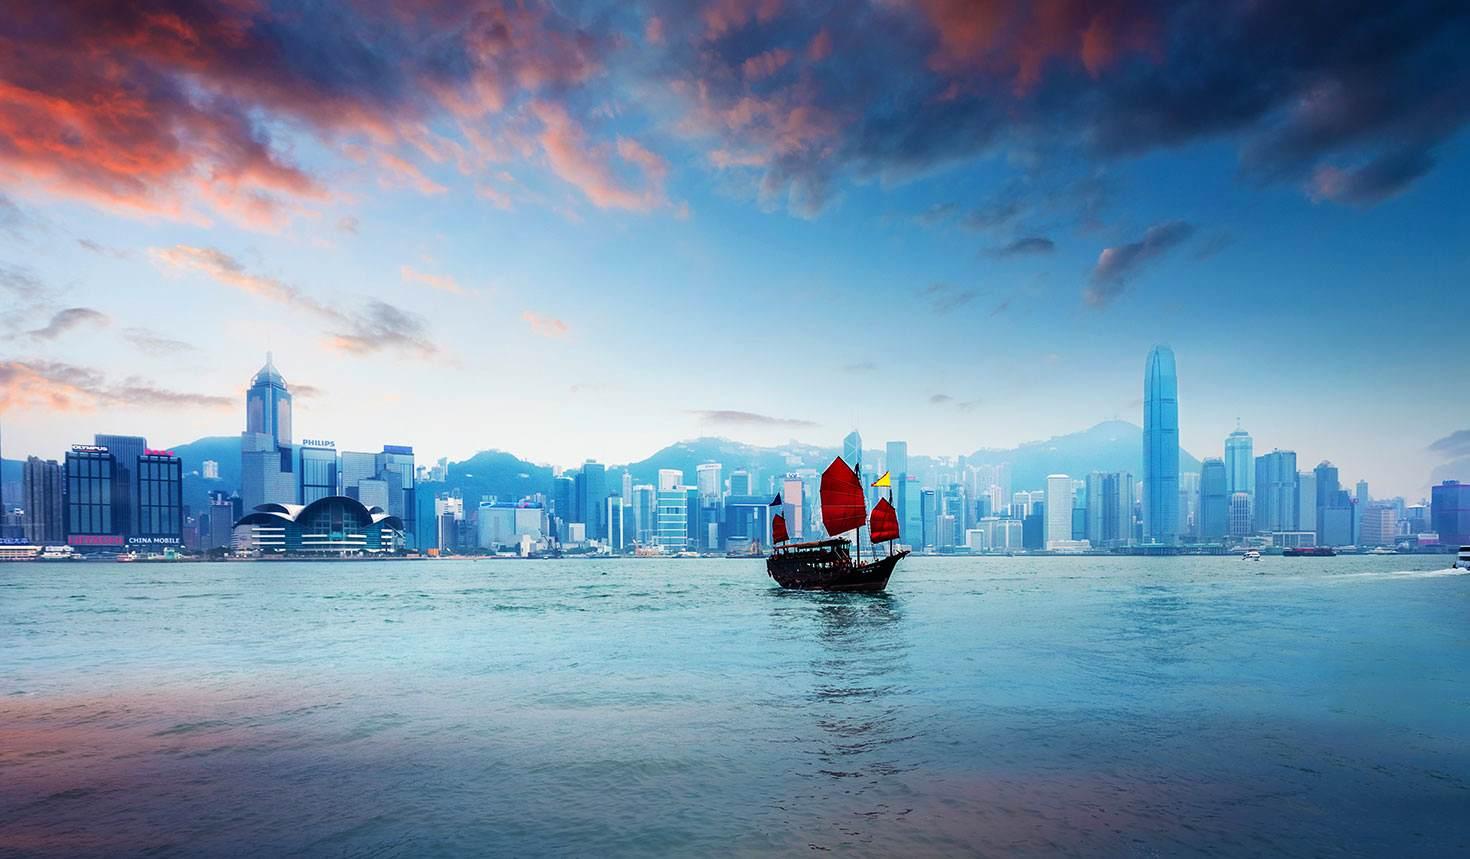 Côn Đảo lọt Top 10 điểm du lịch hấp dẫn nhất châu Á - 5